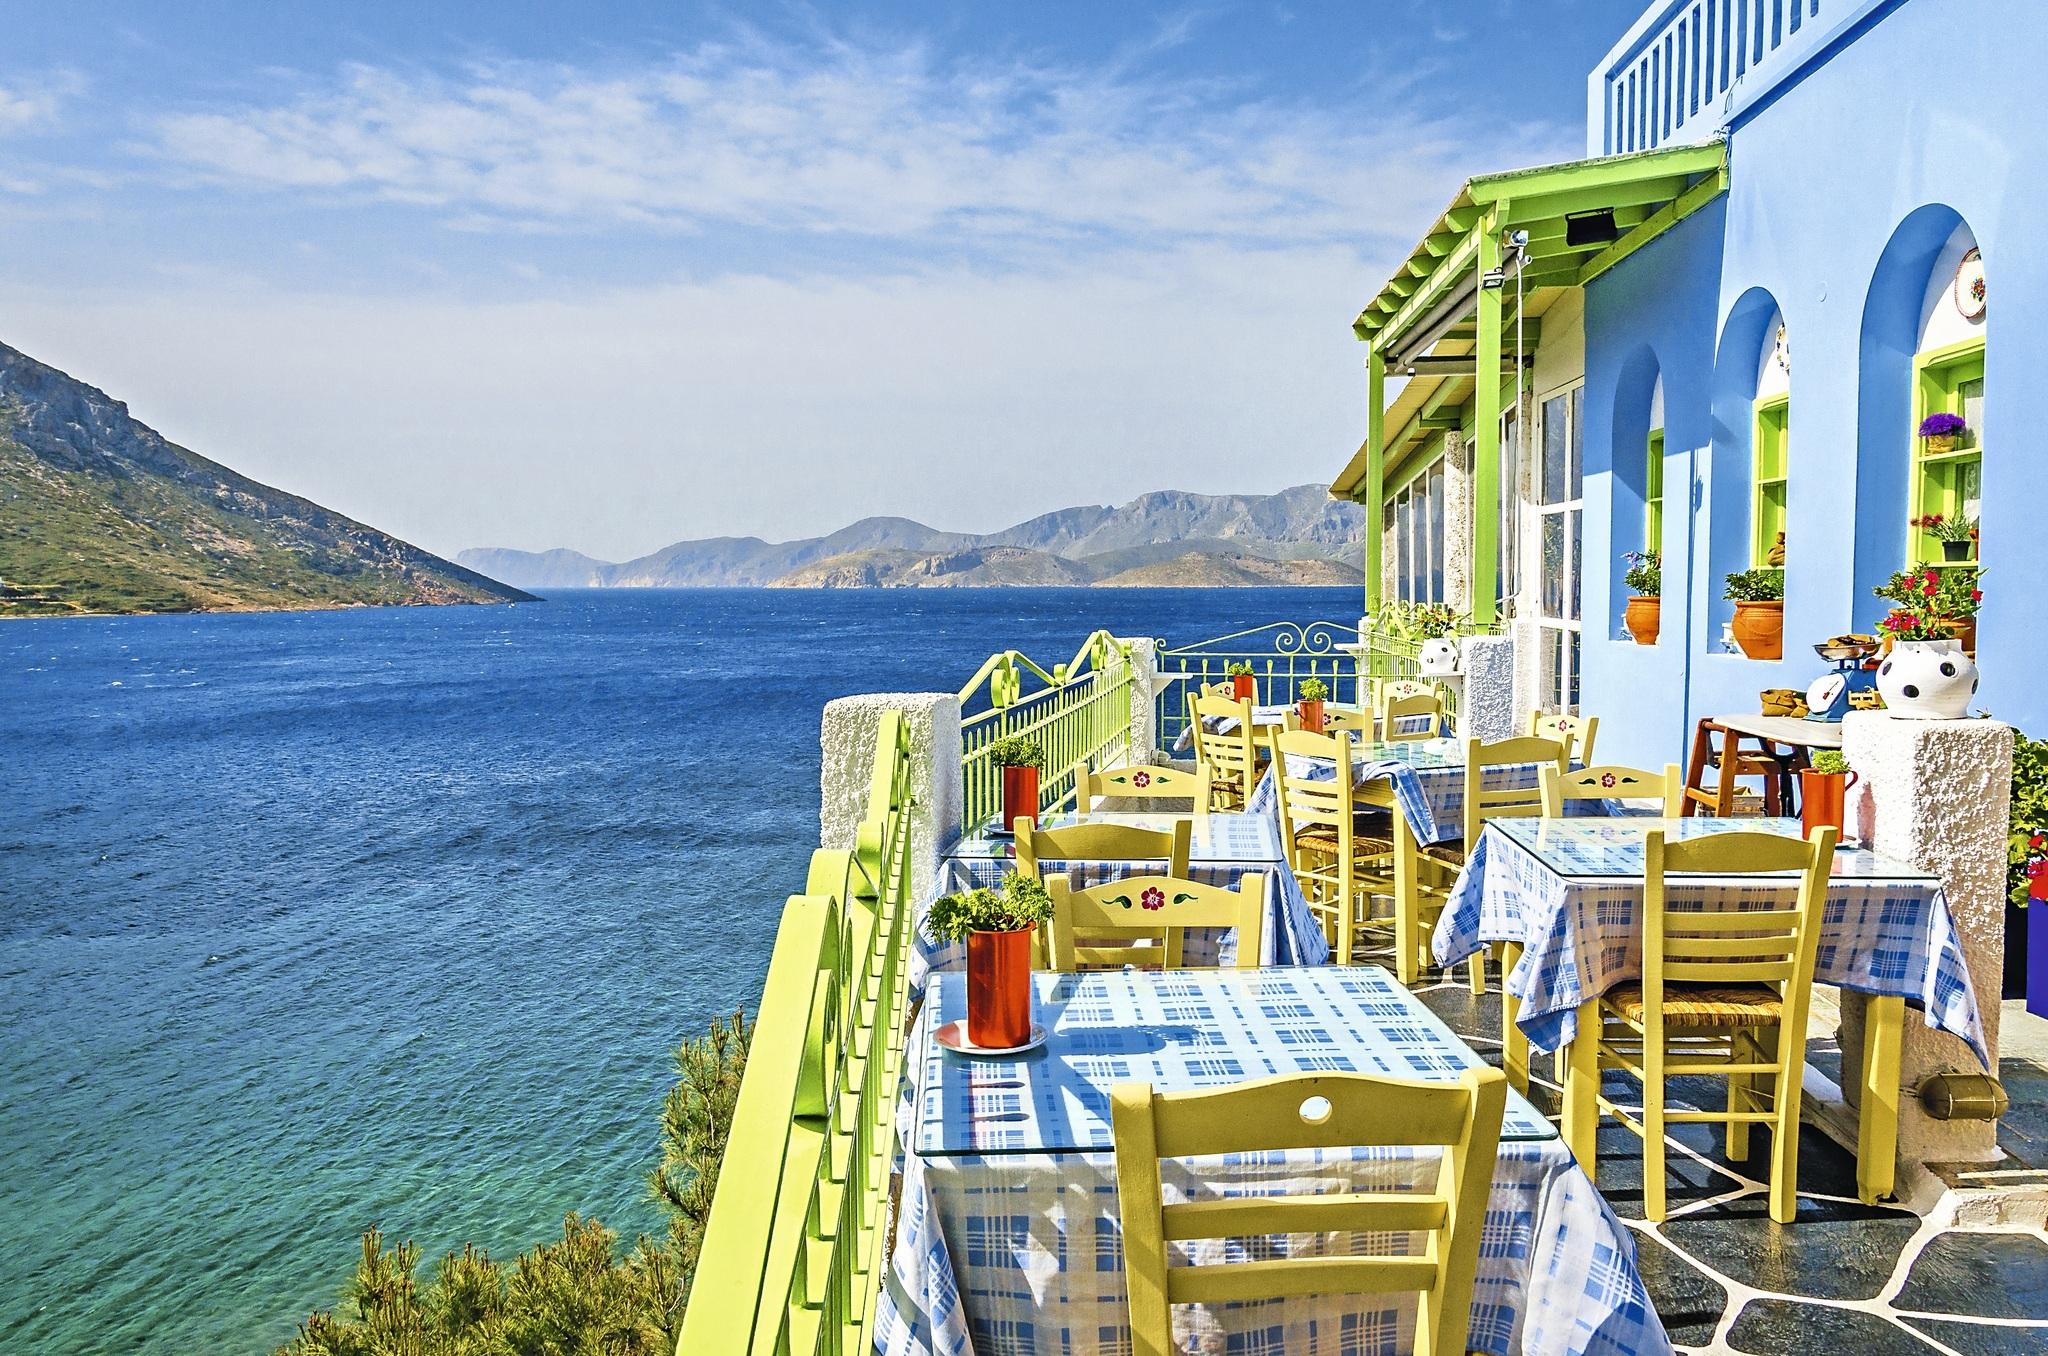 Taverne auf Korfu